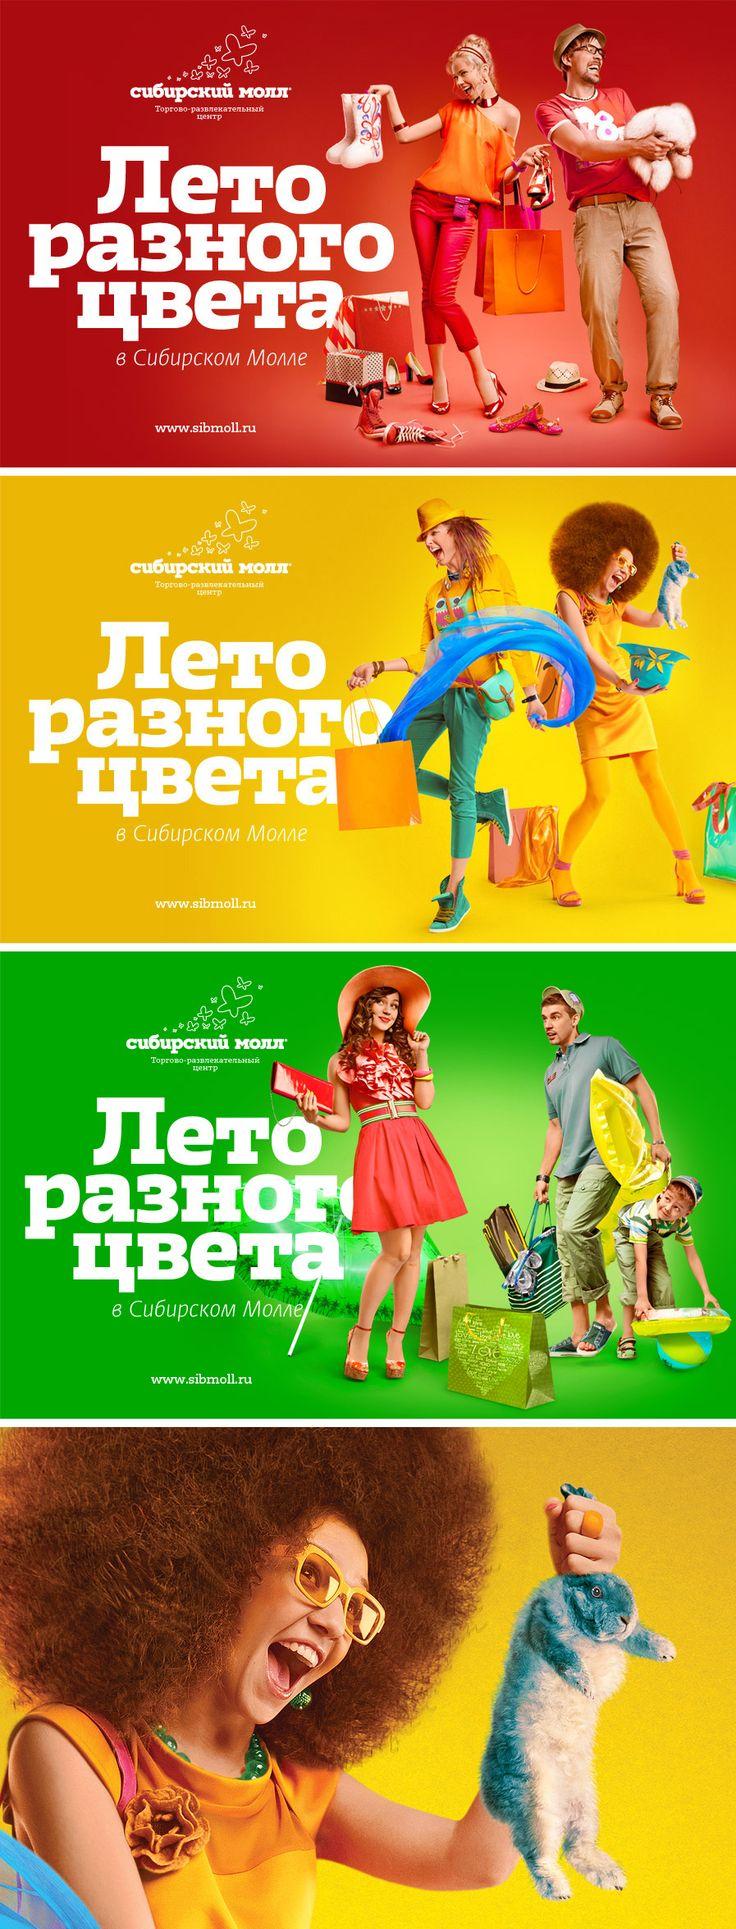 Лето разного цвета. Рекламная кампания Сибирского молла, Прочее © Студия МартДизайн